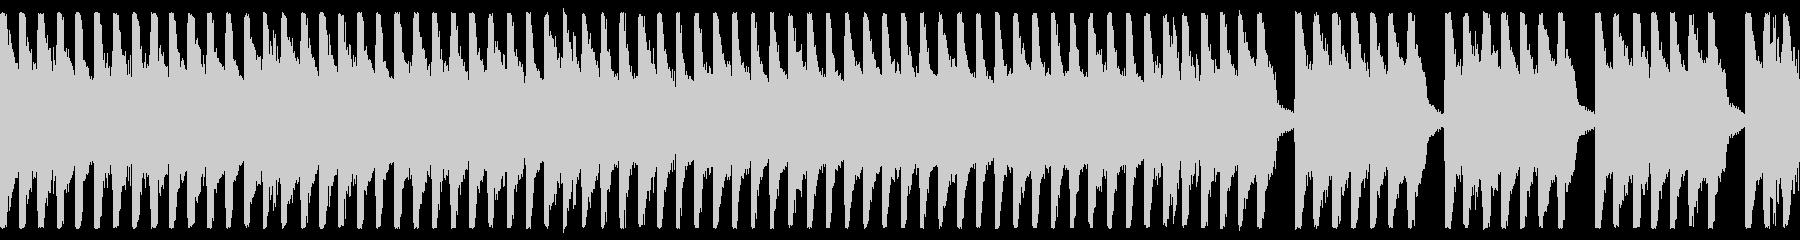 8bit ほのぼの楽しいBGM ループ用の未再生の波形